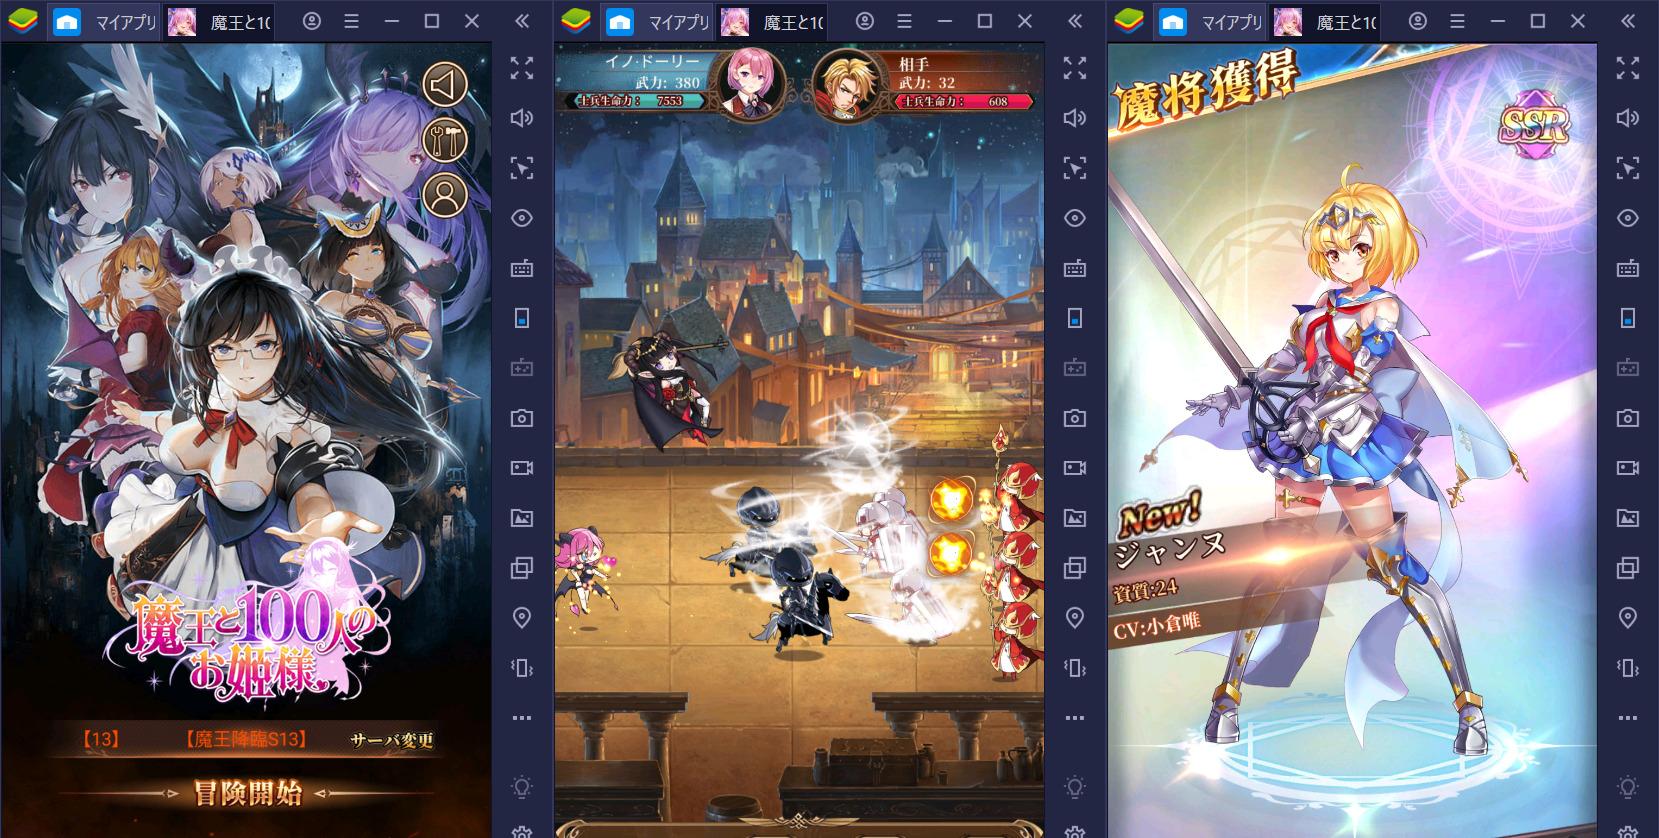 BlueStacksを使ってPCで『魔王と100人のお姫様』を遊ぼう